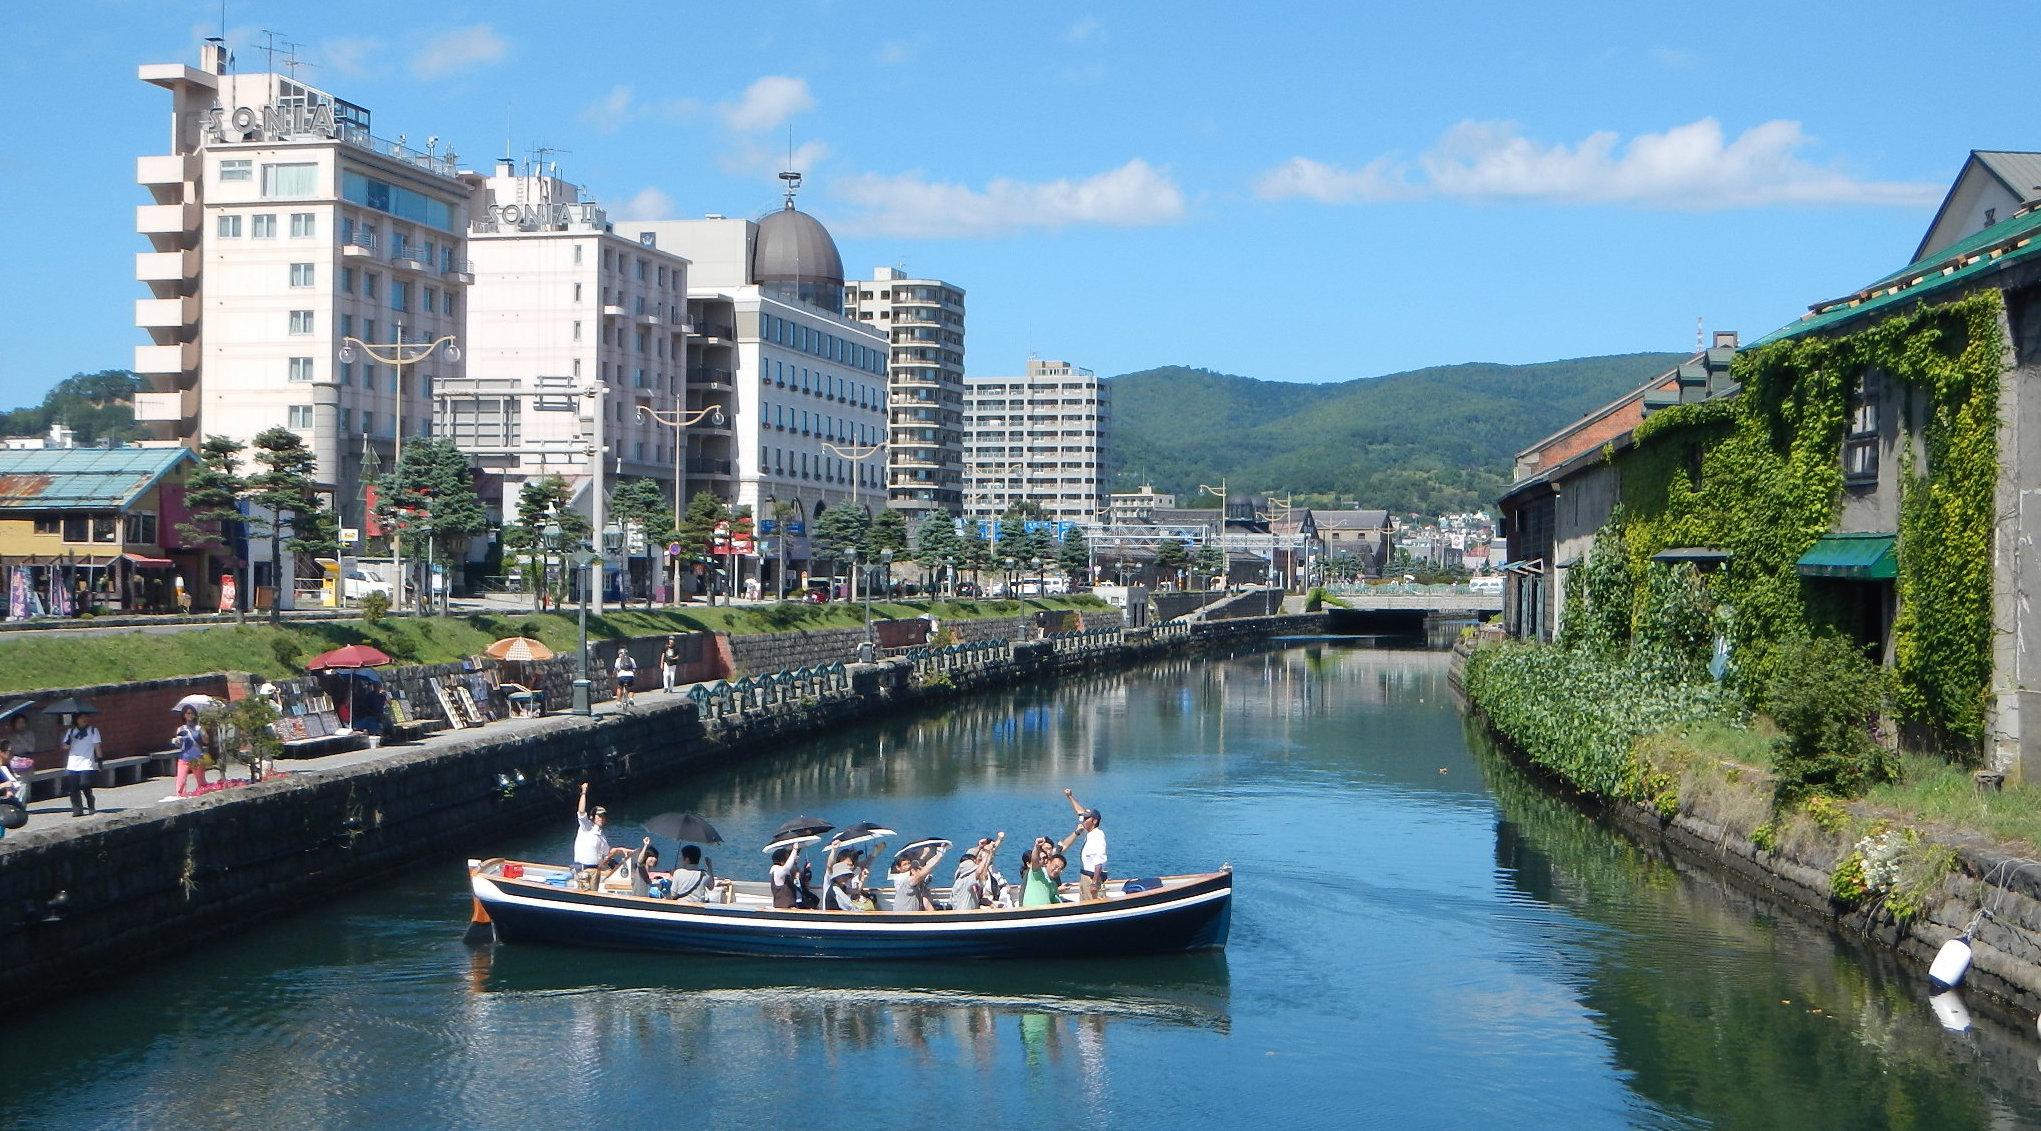 【小樽遊船】TripAdvisor卓越獎!北海道小樽運河遊船 - KKday